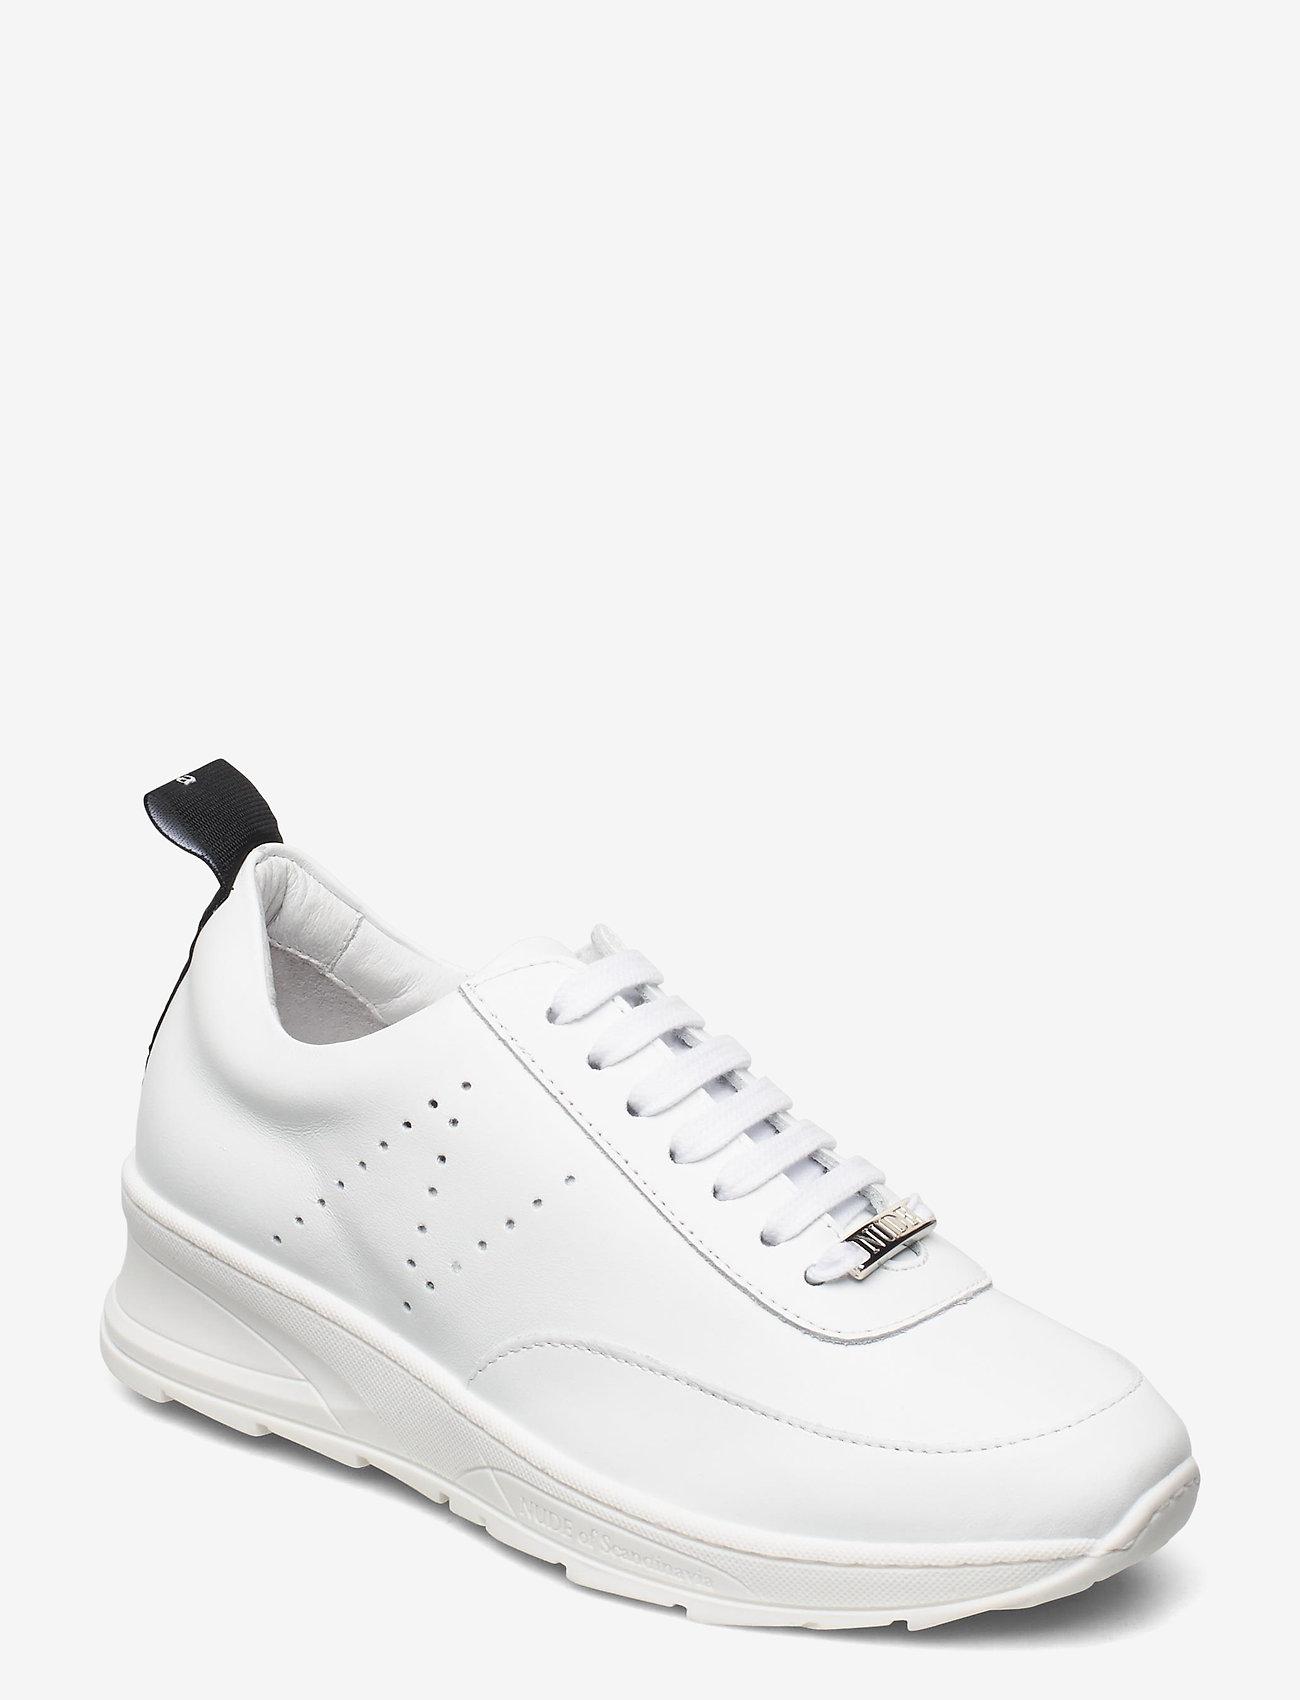 Nude of Scandinavia - PEGGY - låga sneakers - softy / bianco - 0